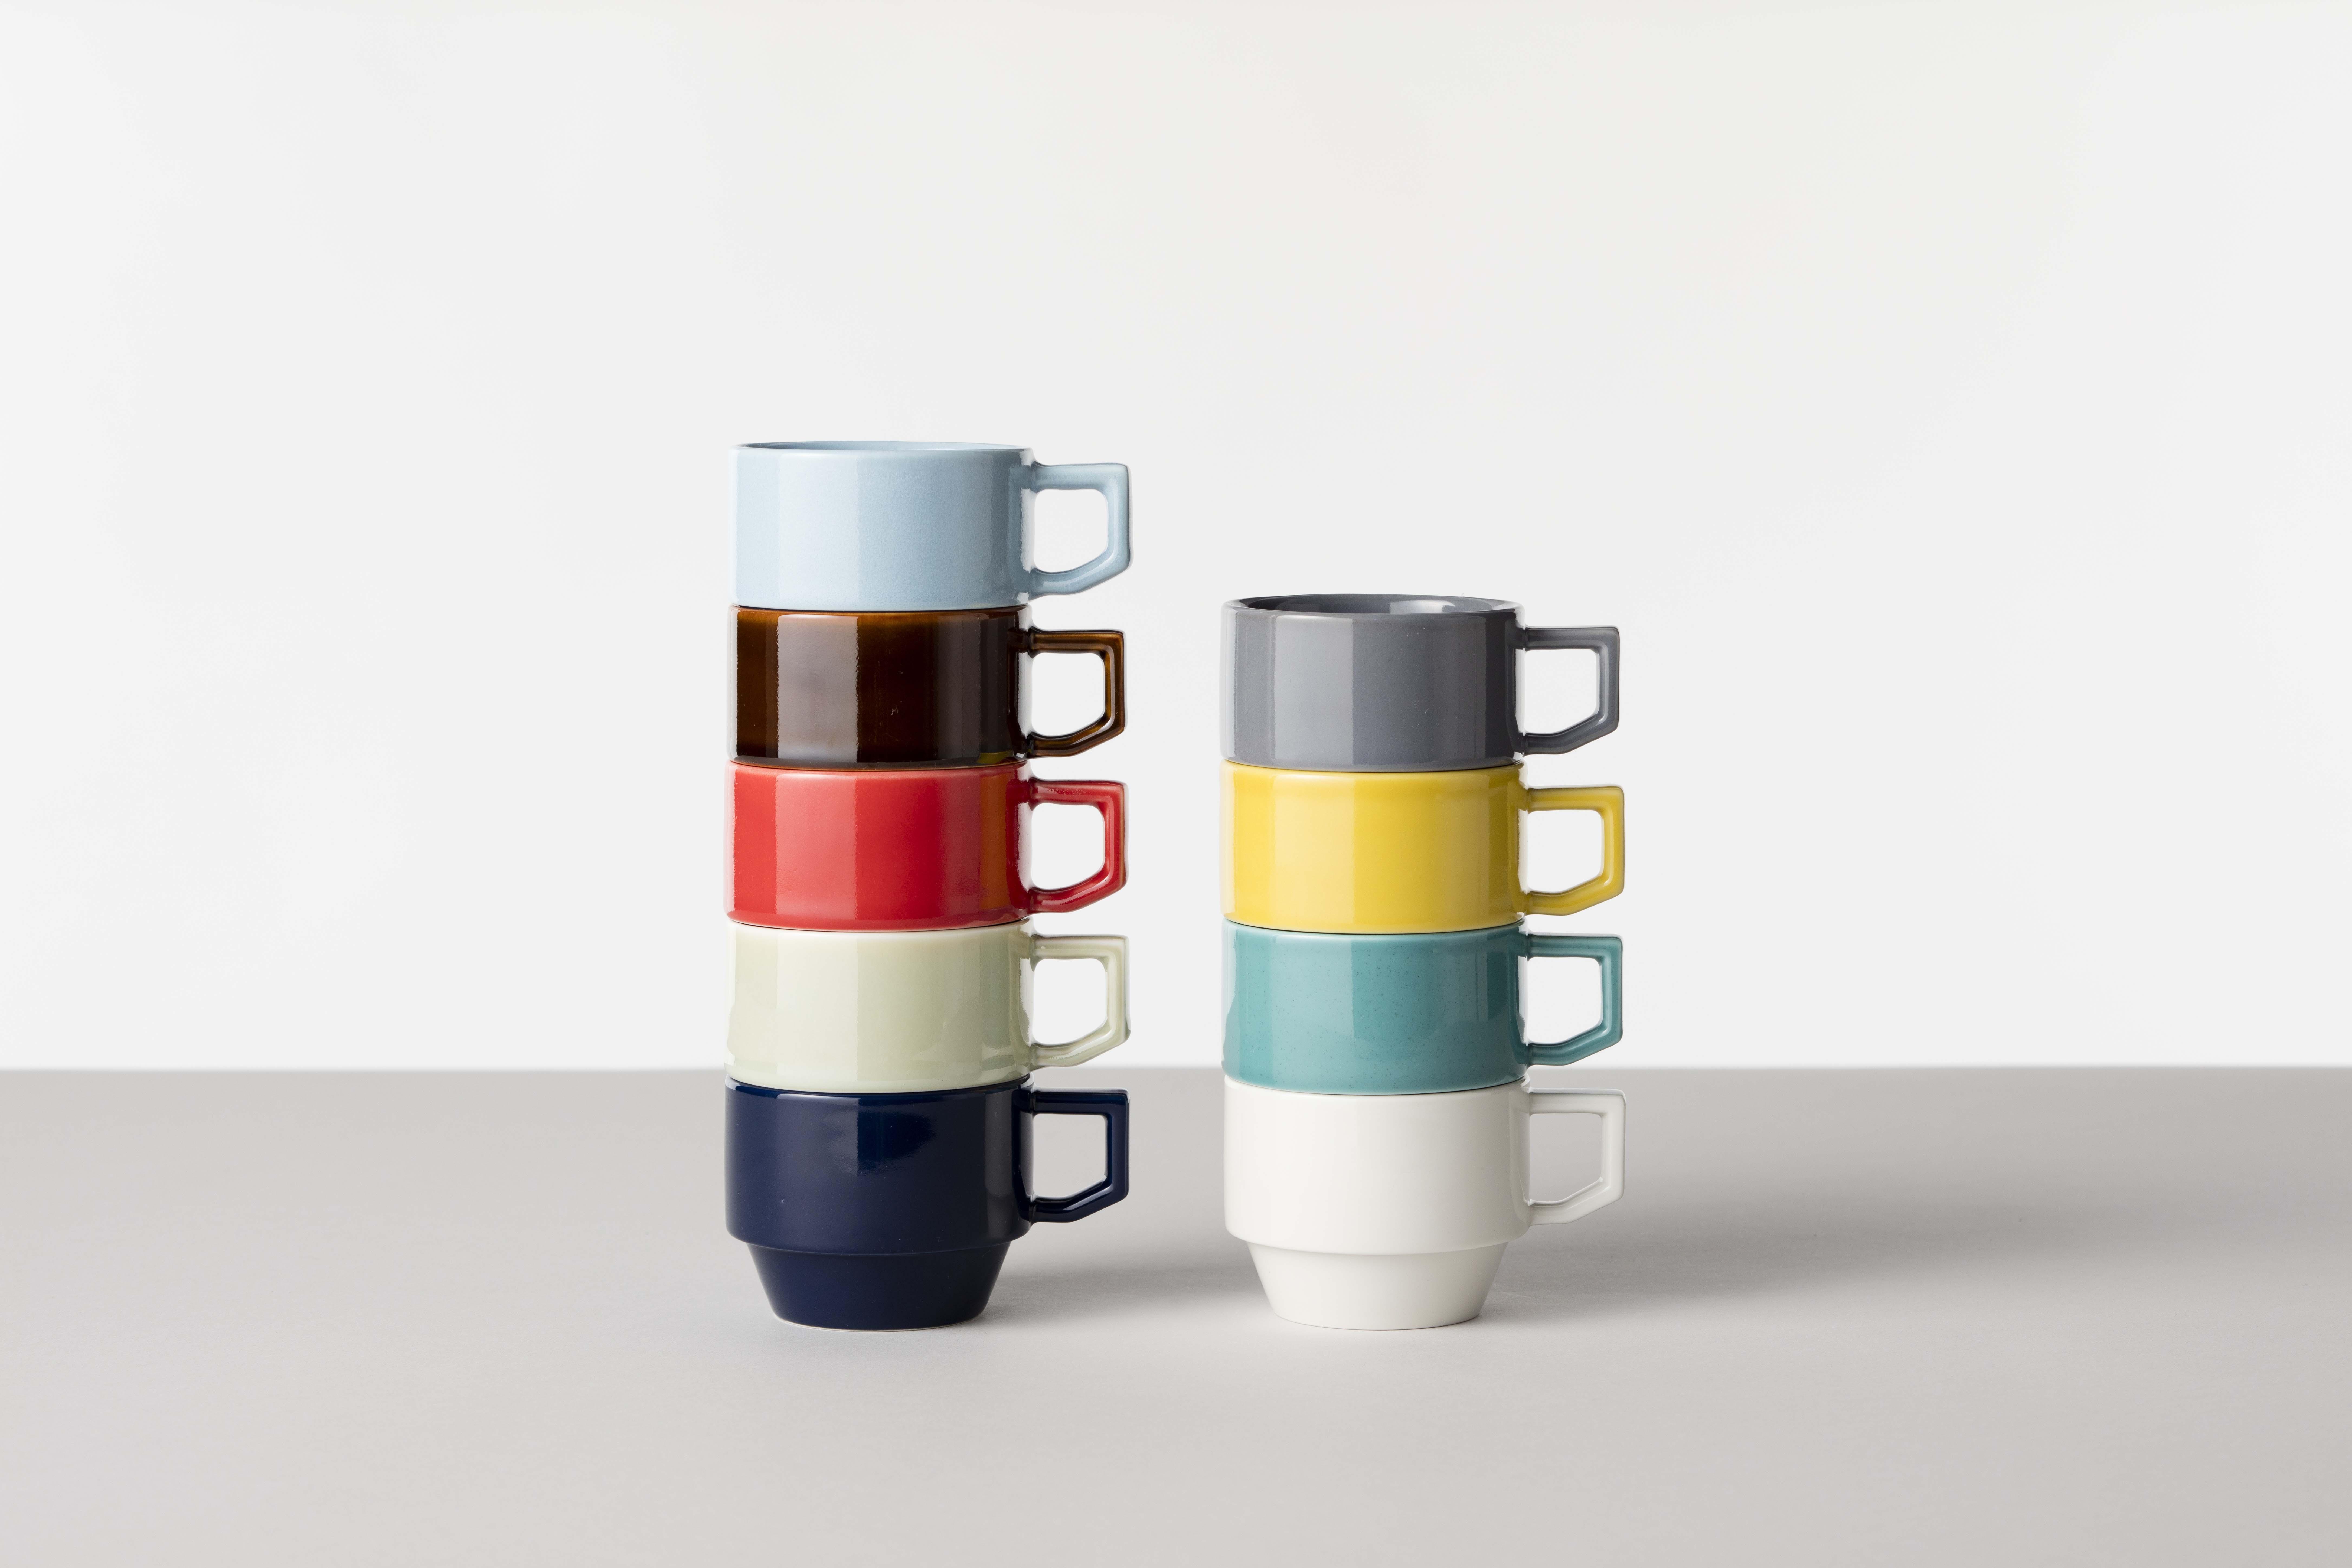 賞器選【HASAMI】堆疊杯繽紛茶杯咖啡杯